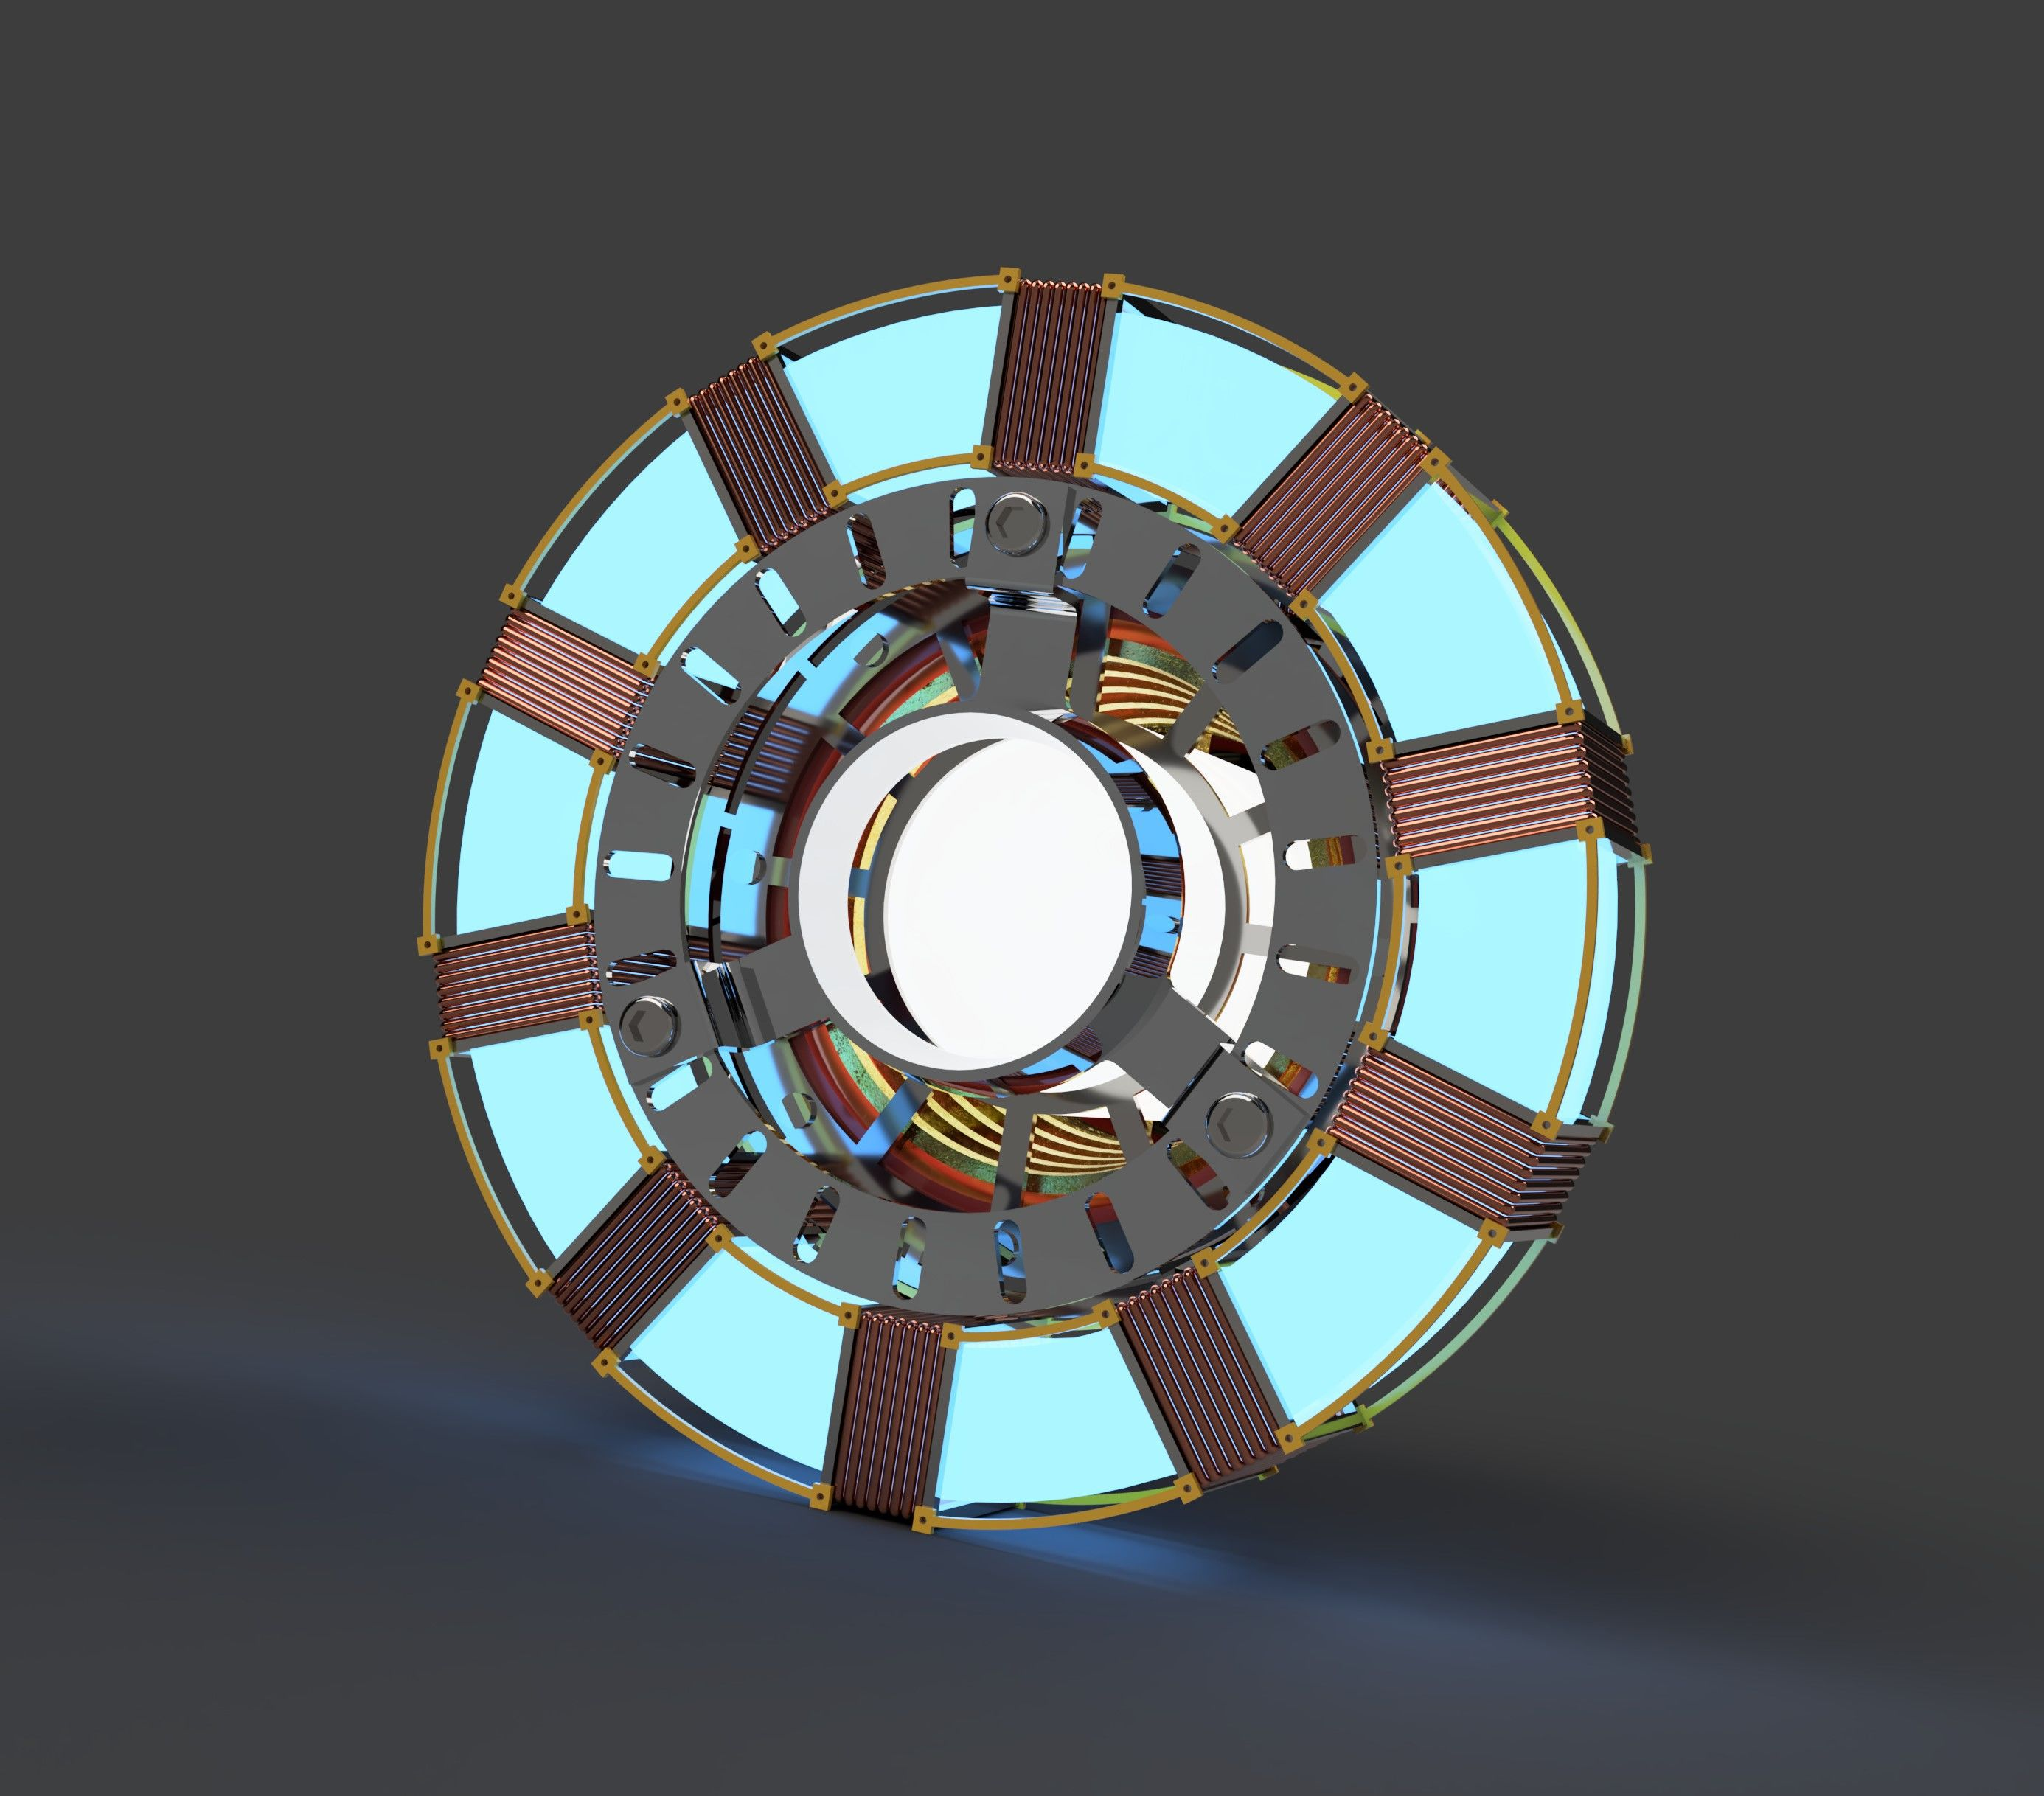 Arc-reactor---isometric-view-3500-3500